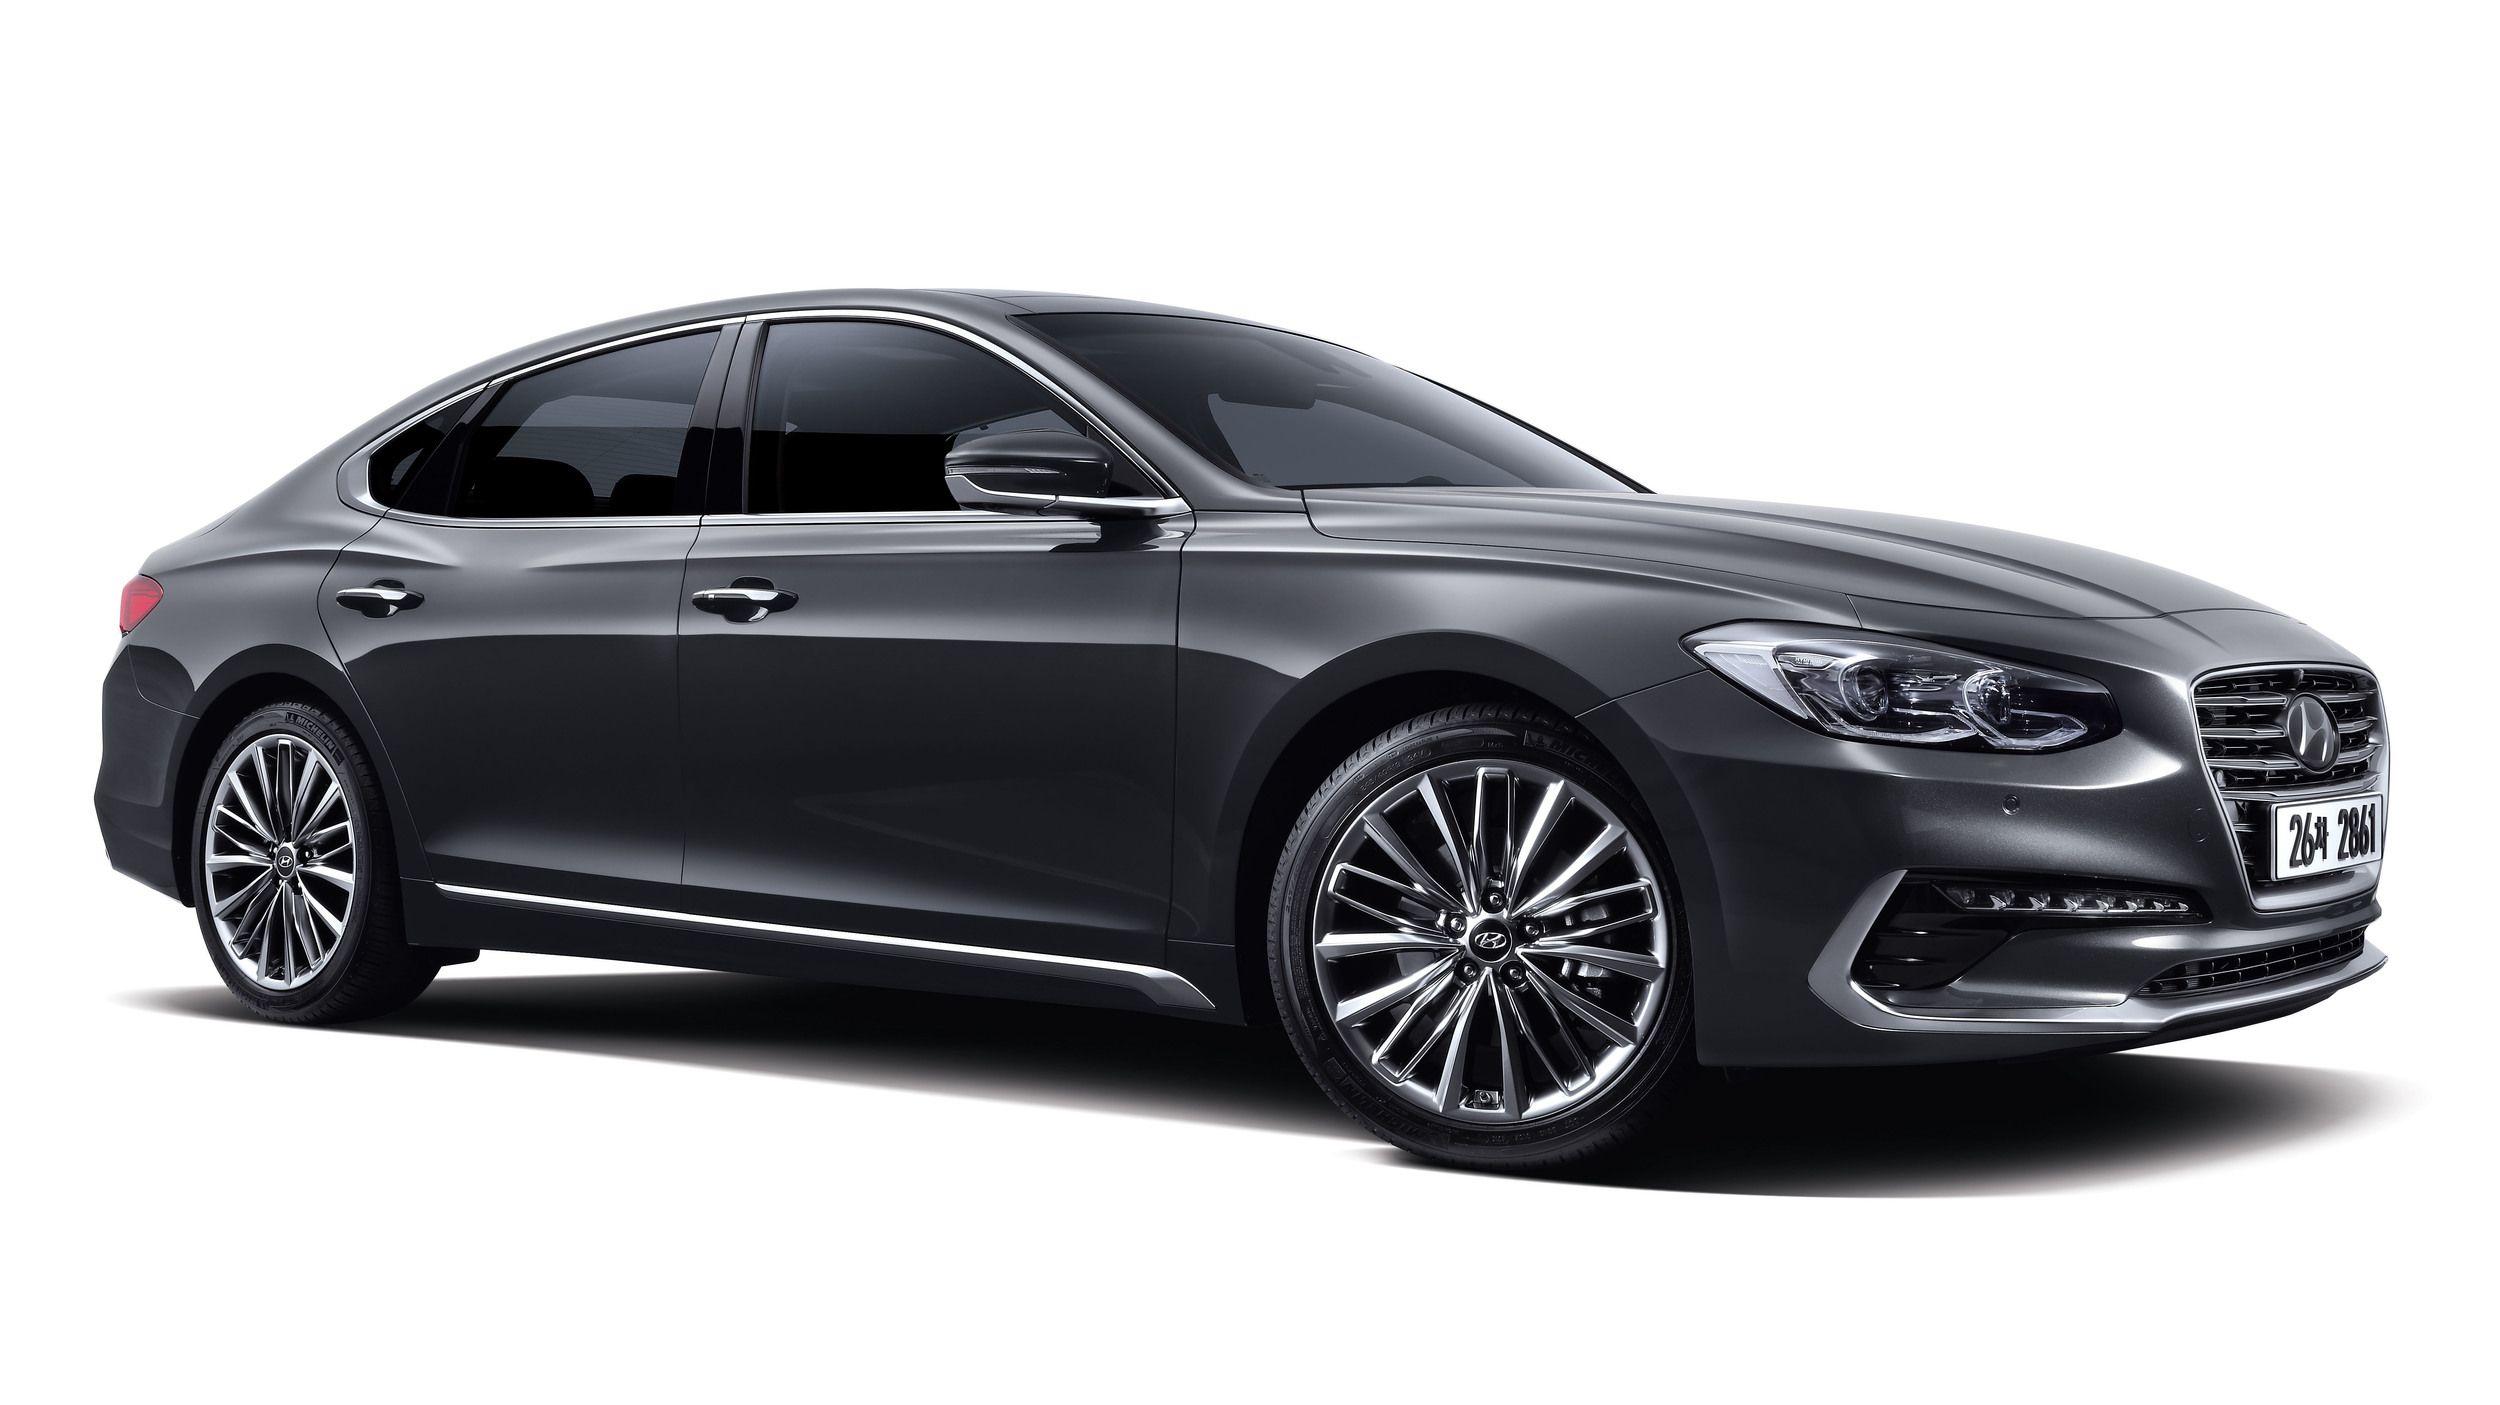 New Hyundai Azera Looks A Bit Like A Bmw Com Imagens Carros De Luxo Looks Coreia Do Sul